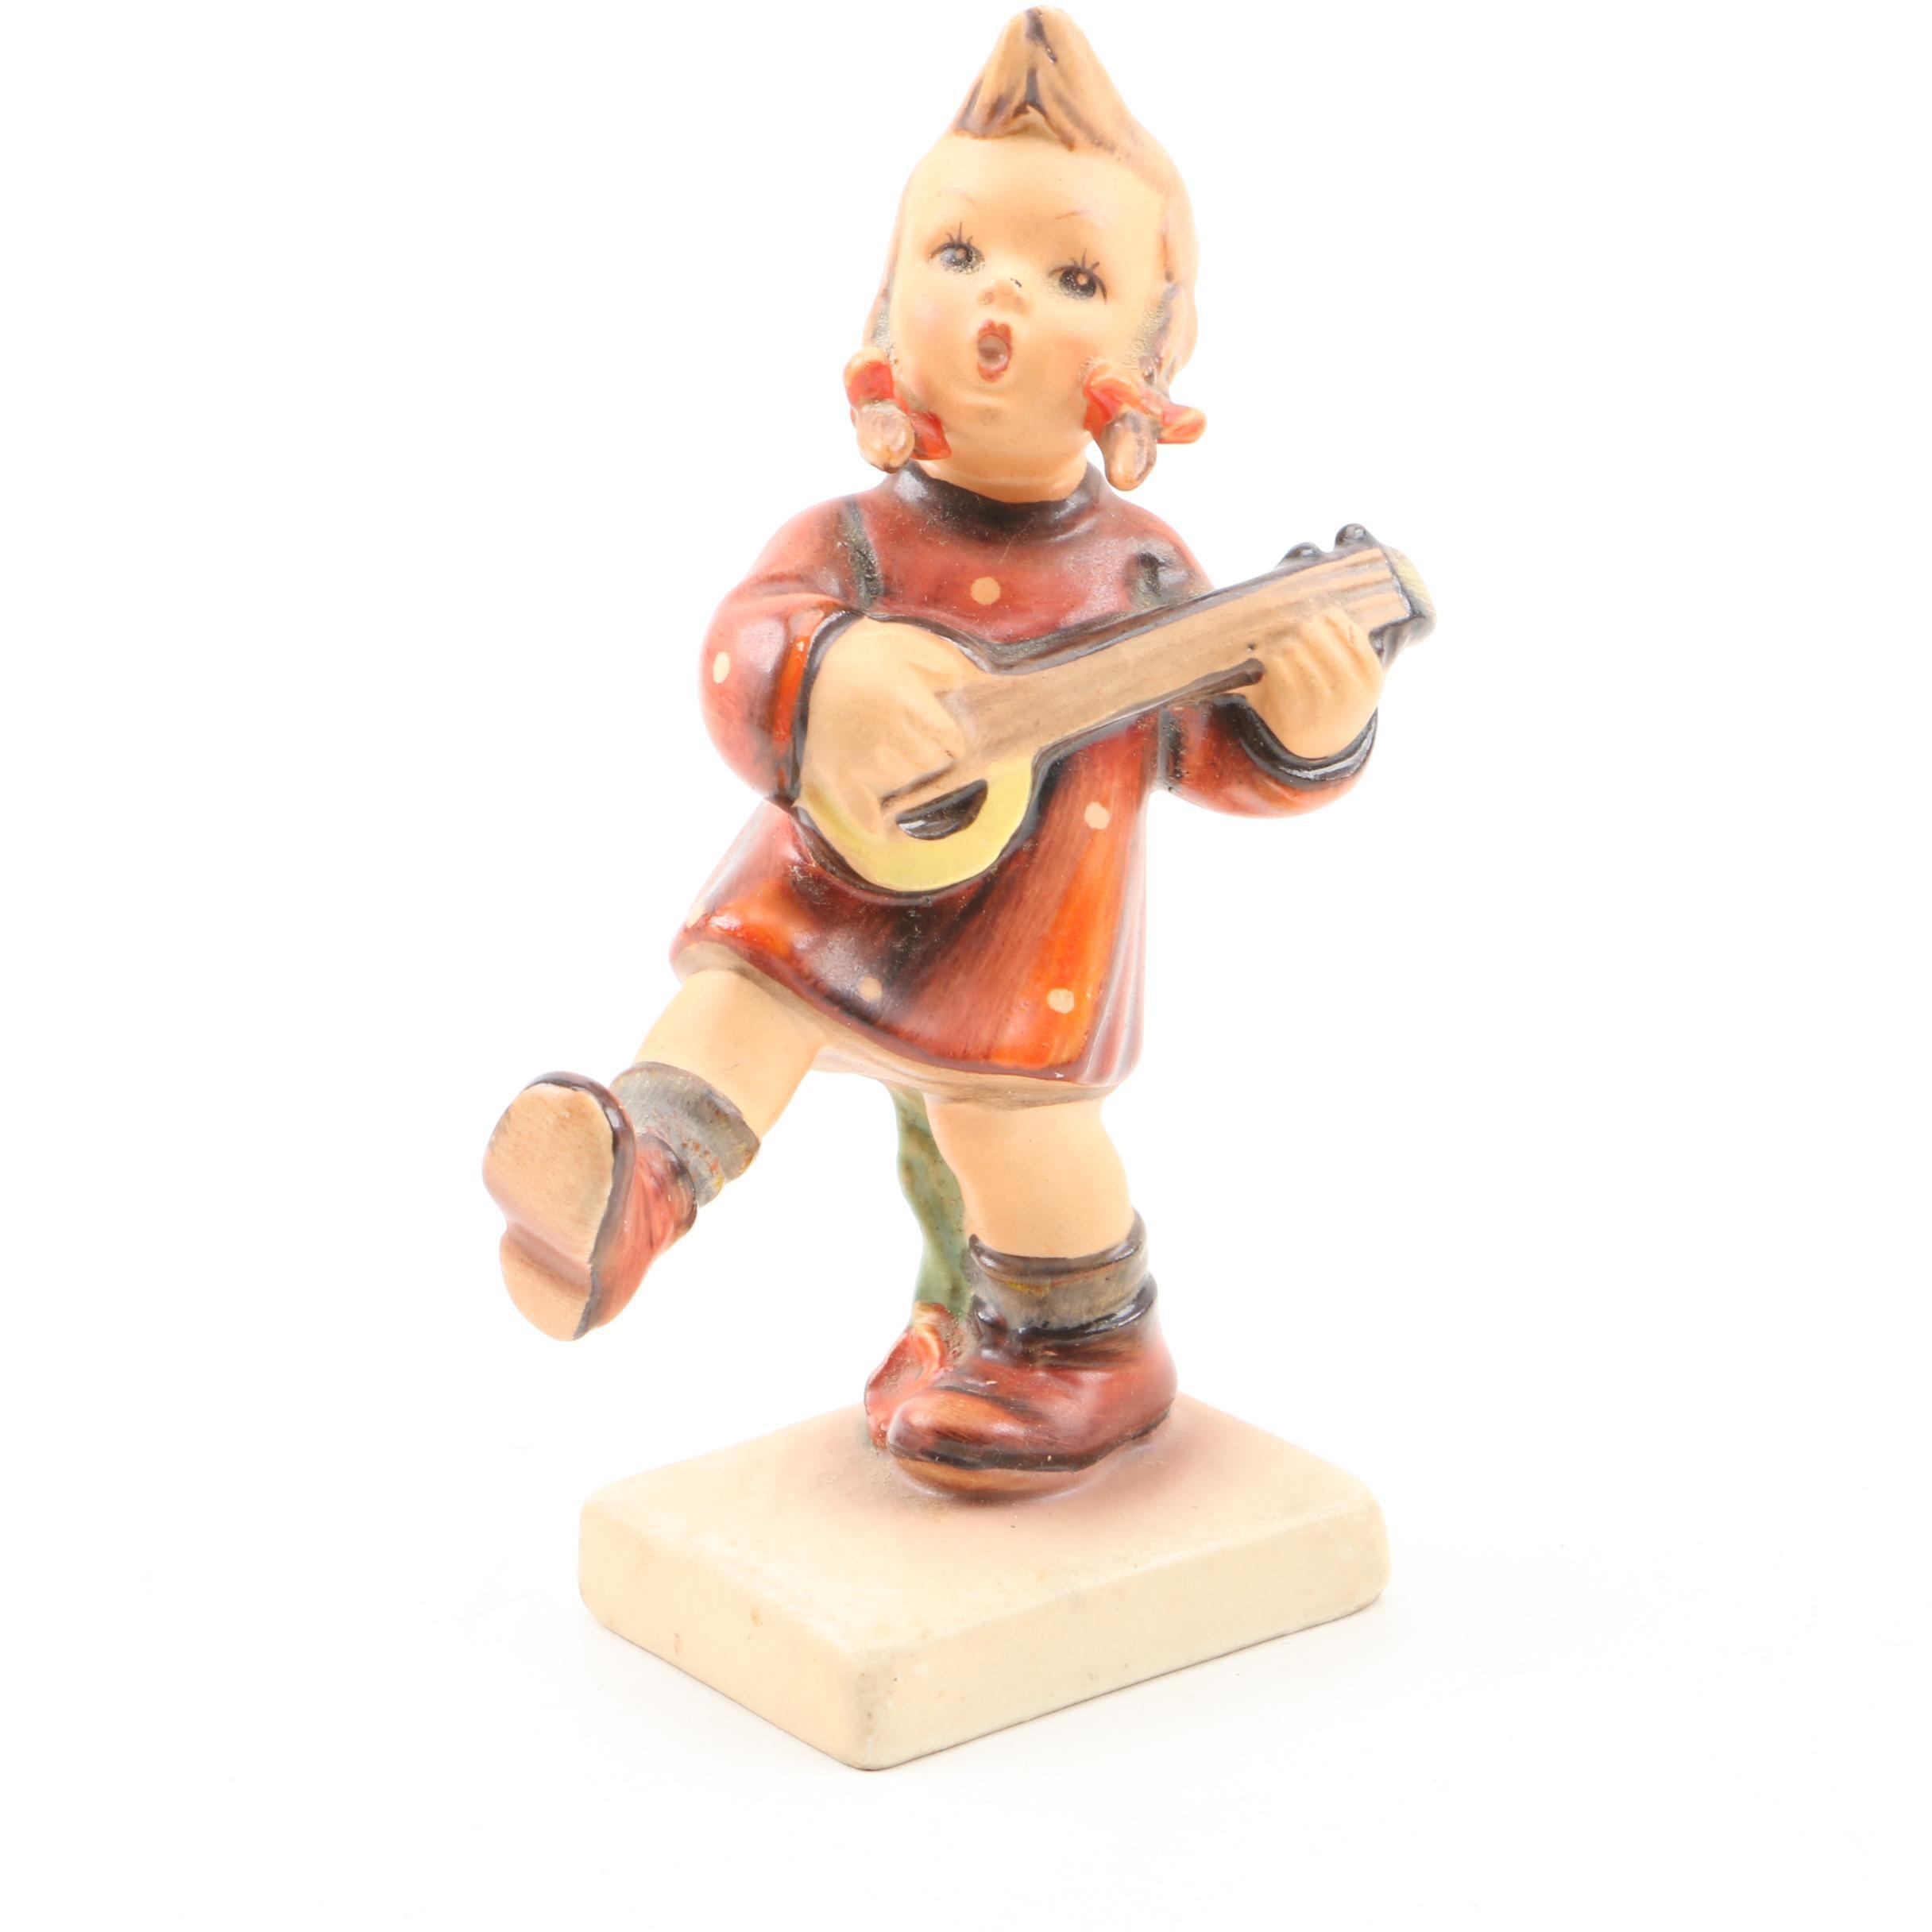 """Hummel Porcelain Figurine """"Little Girl Playing Banjo"""""""